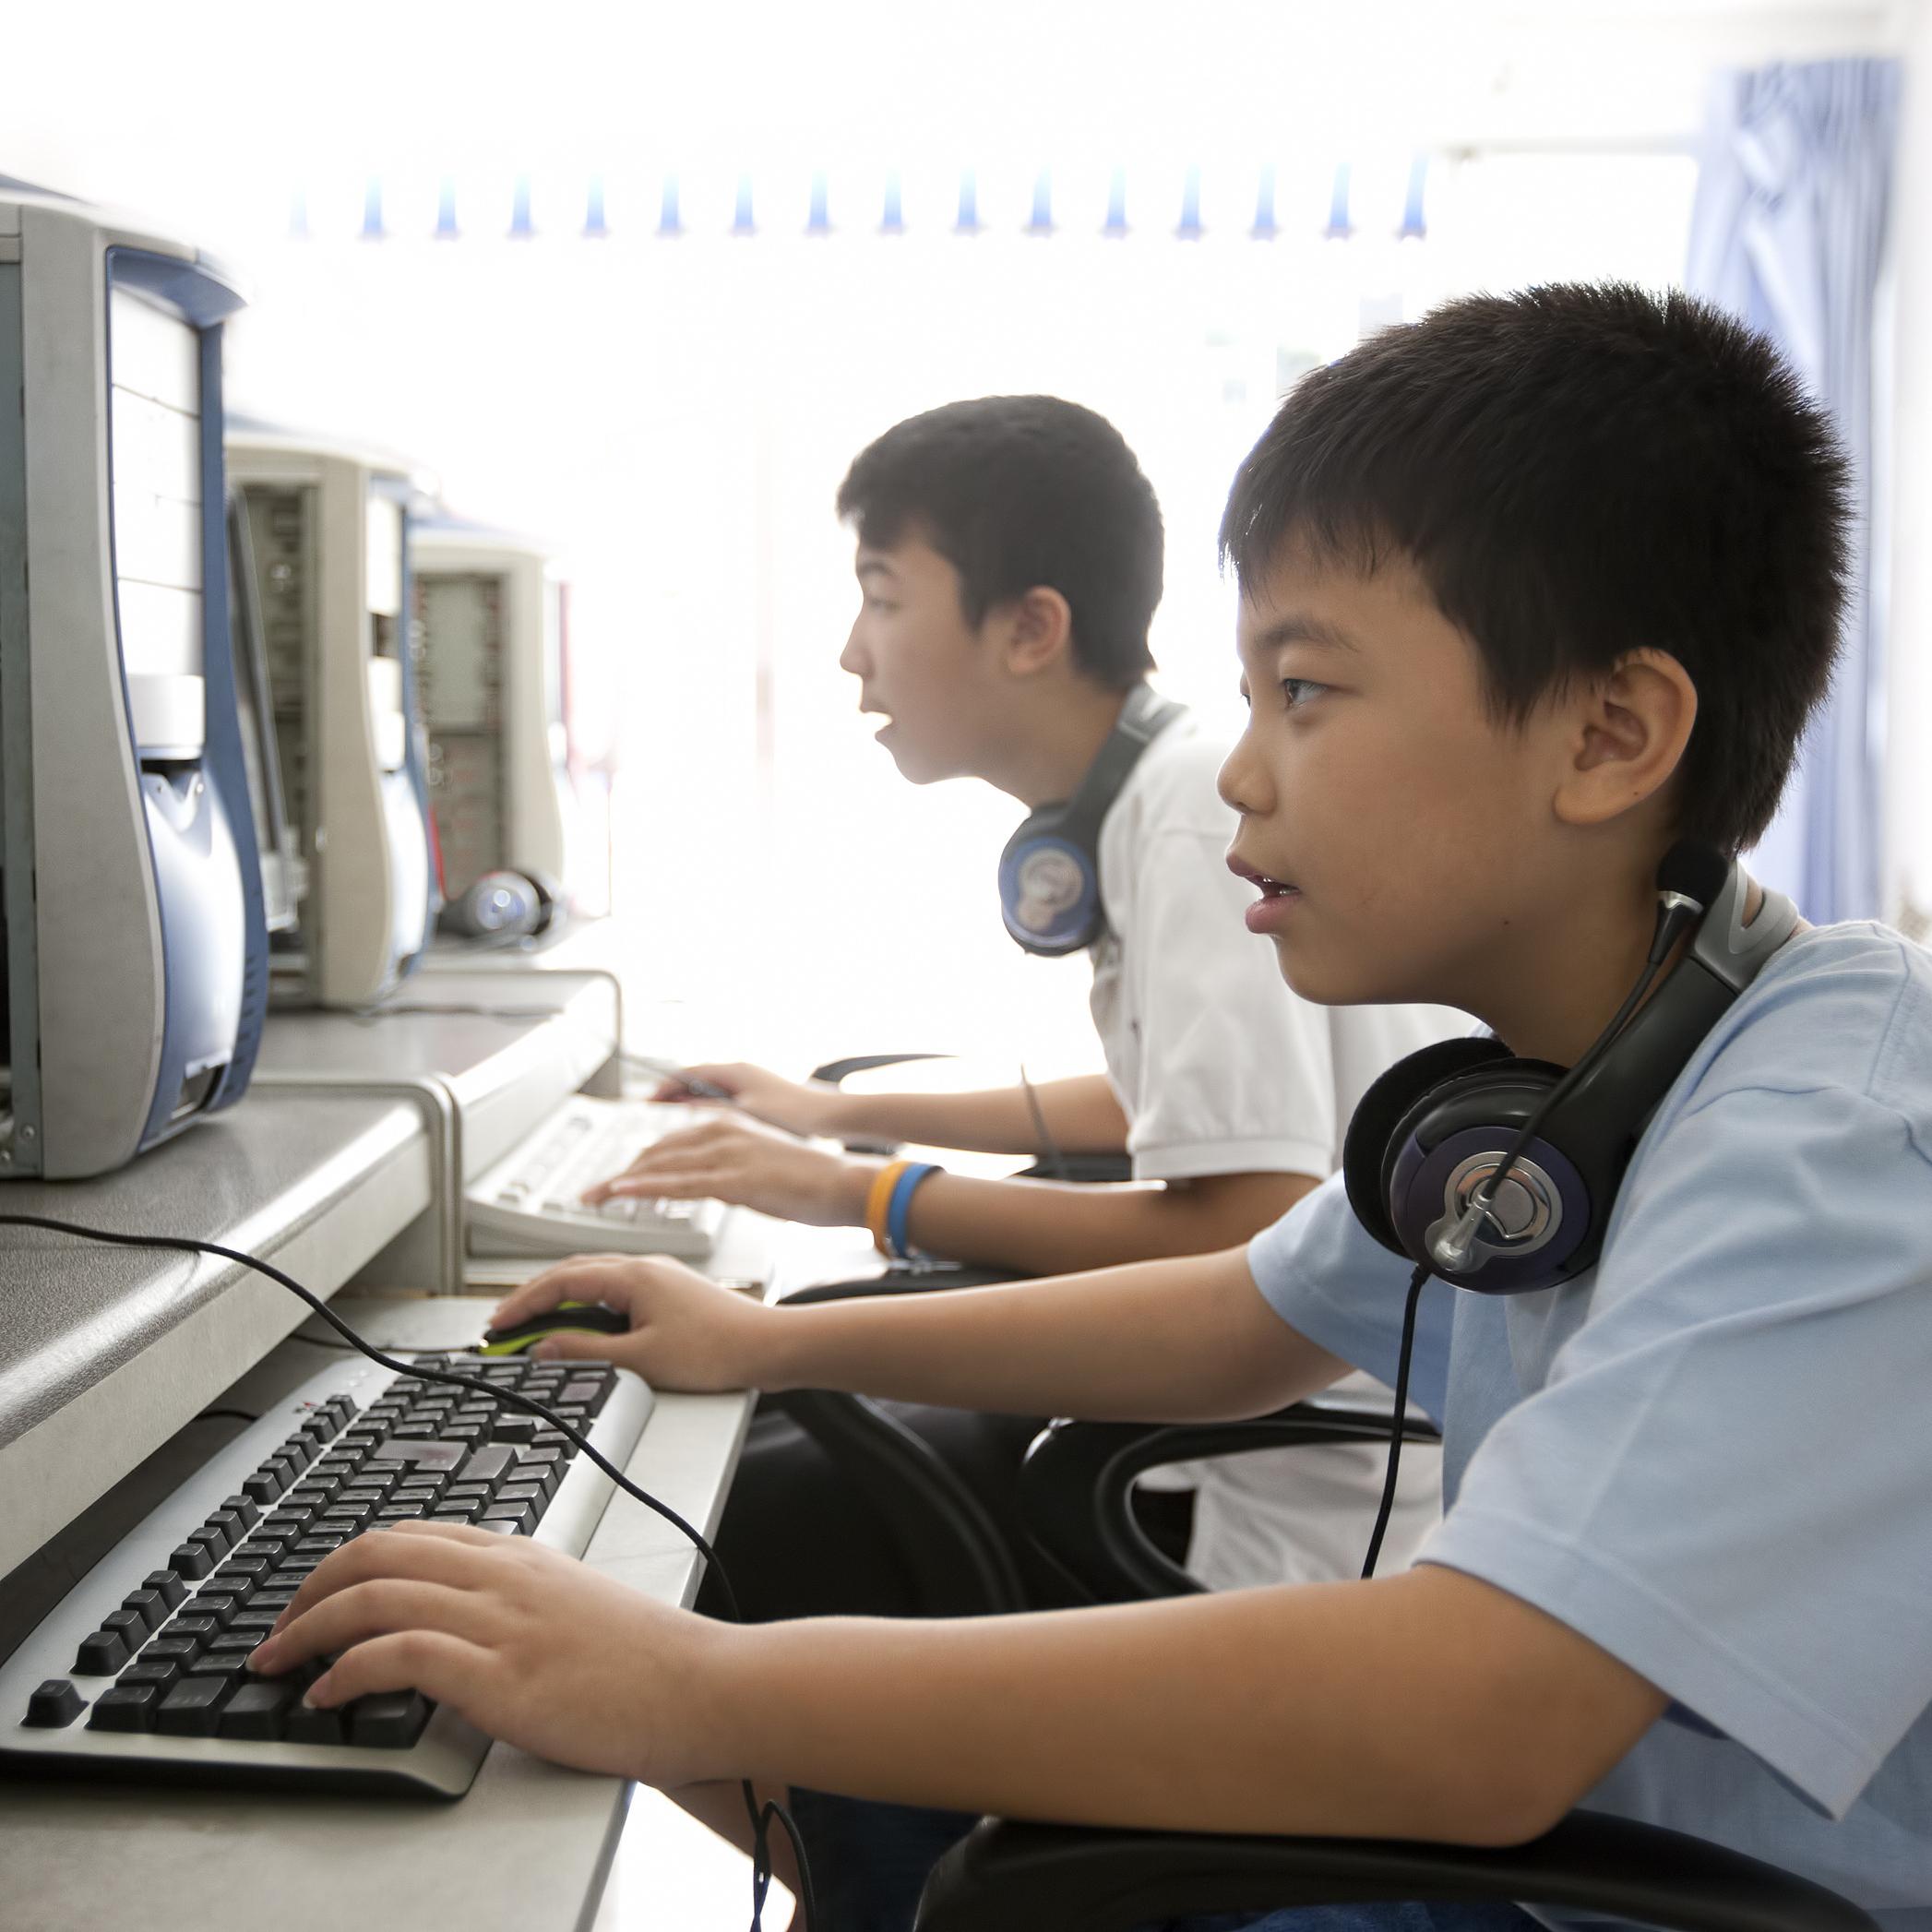 文旅部拟规定:幼儿园周边不得设置娱乐场所和网吧